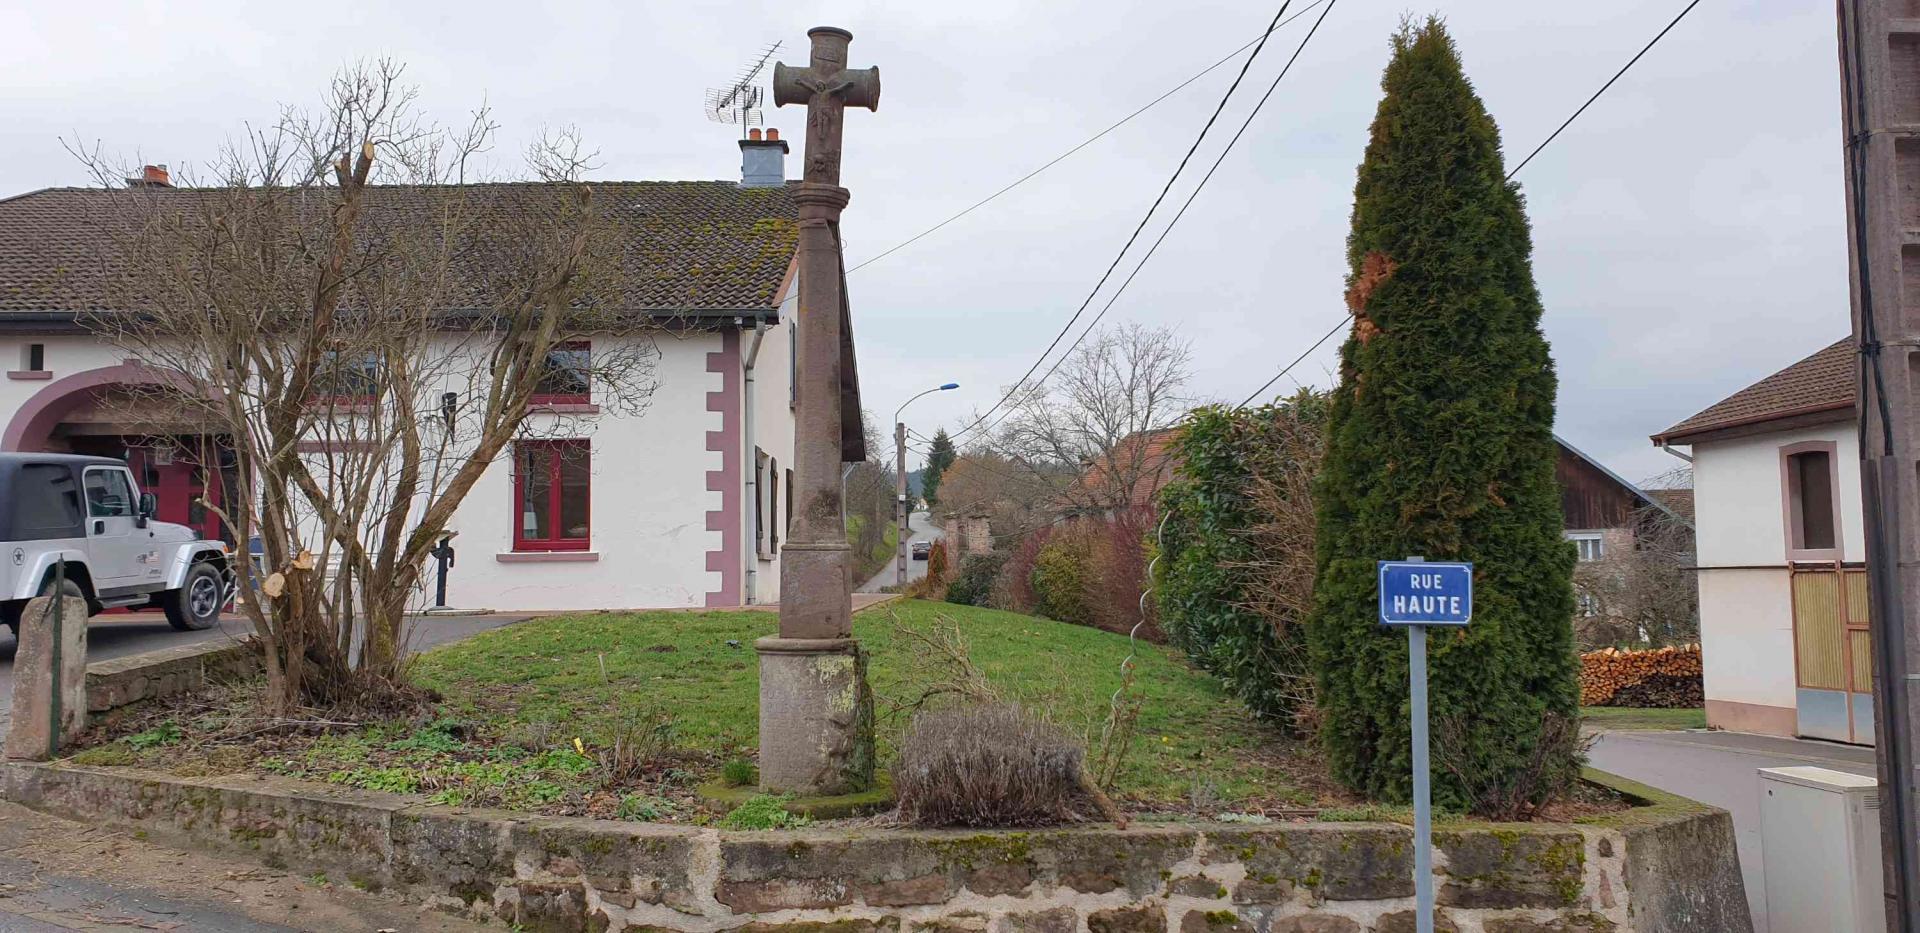 Croix 2 rue haute